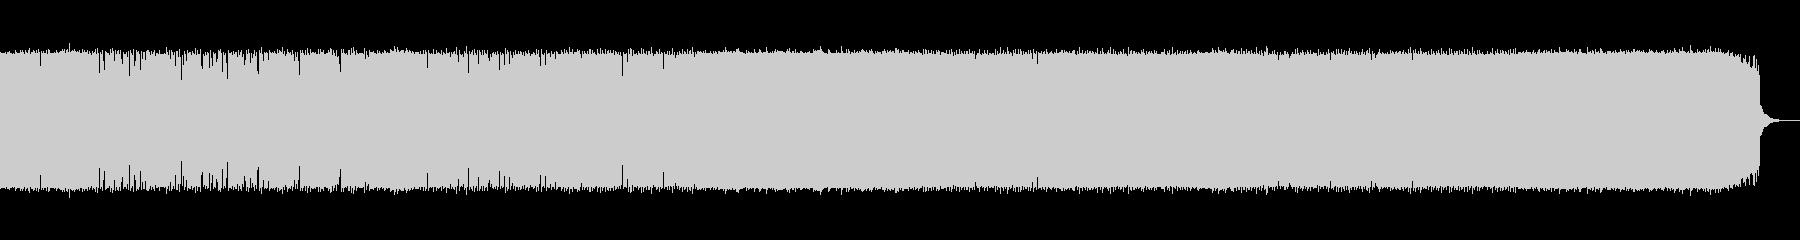 シンプル/攻撃的/疾走感/ドラムンベースの未再生の波形